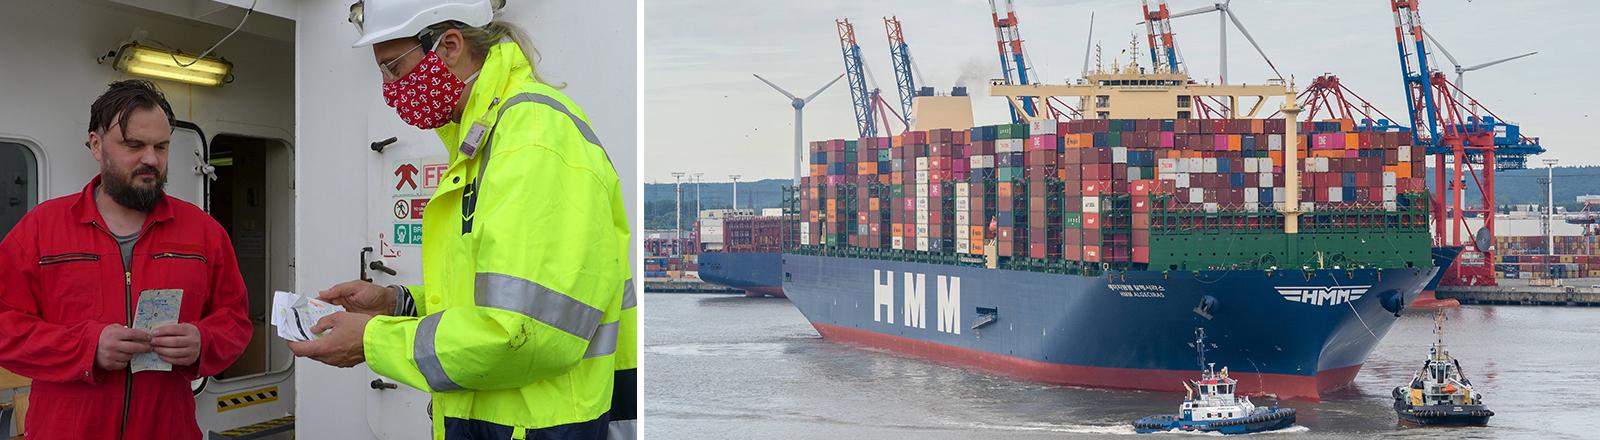 Seefahrer und ein Containerschiff im Hamburger Hafen